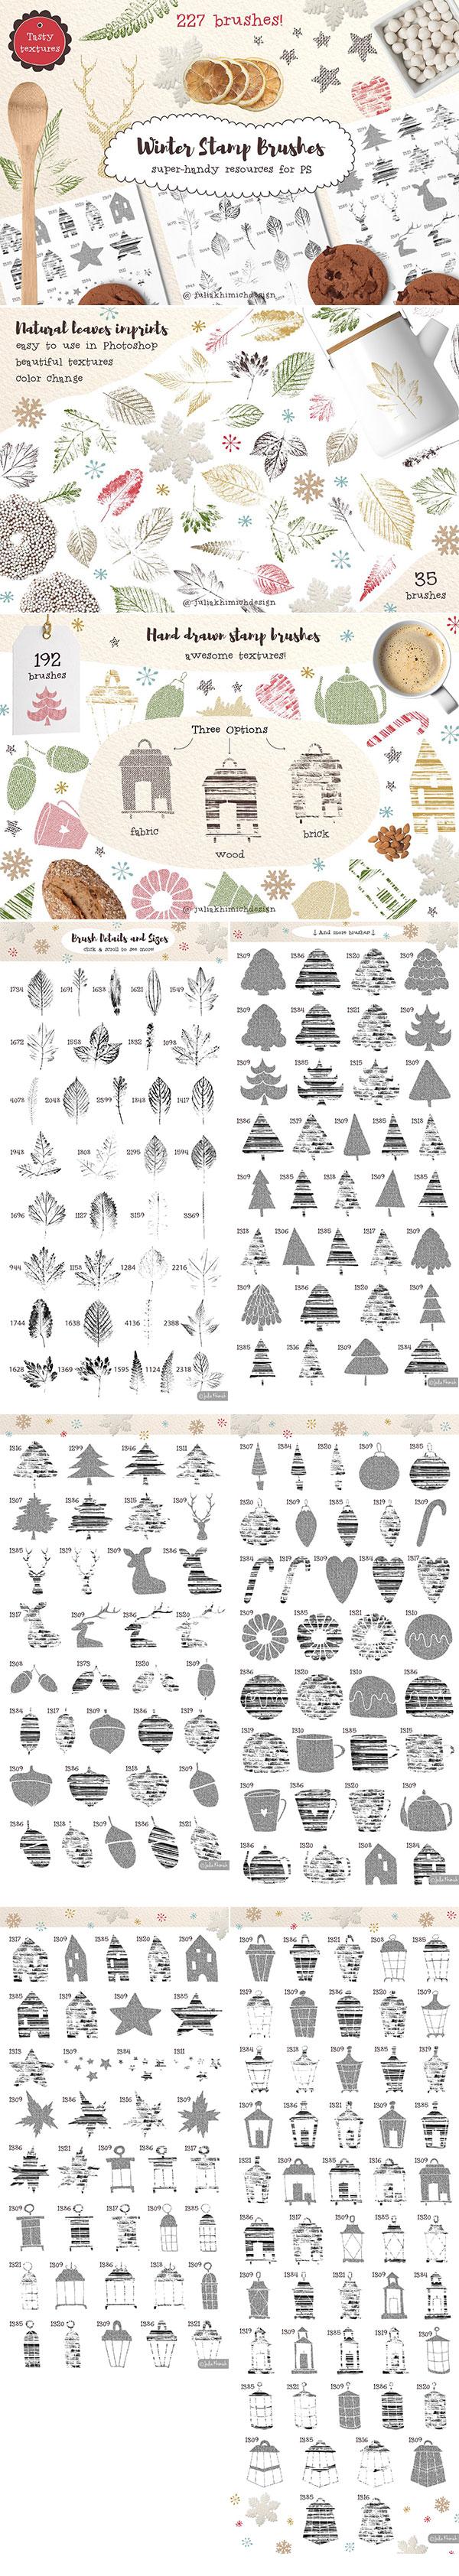 文字排版打包下载,psd,内含7个背景纹理,12个矢量模式,不包含展示中的图片